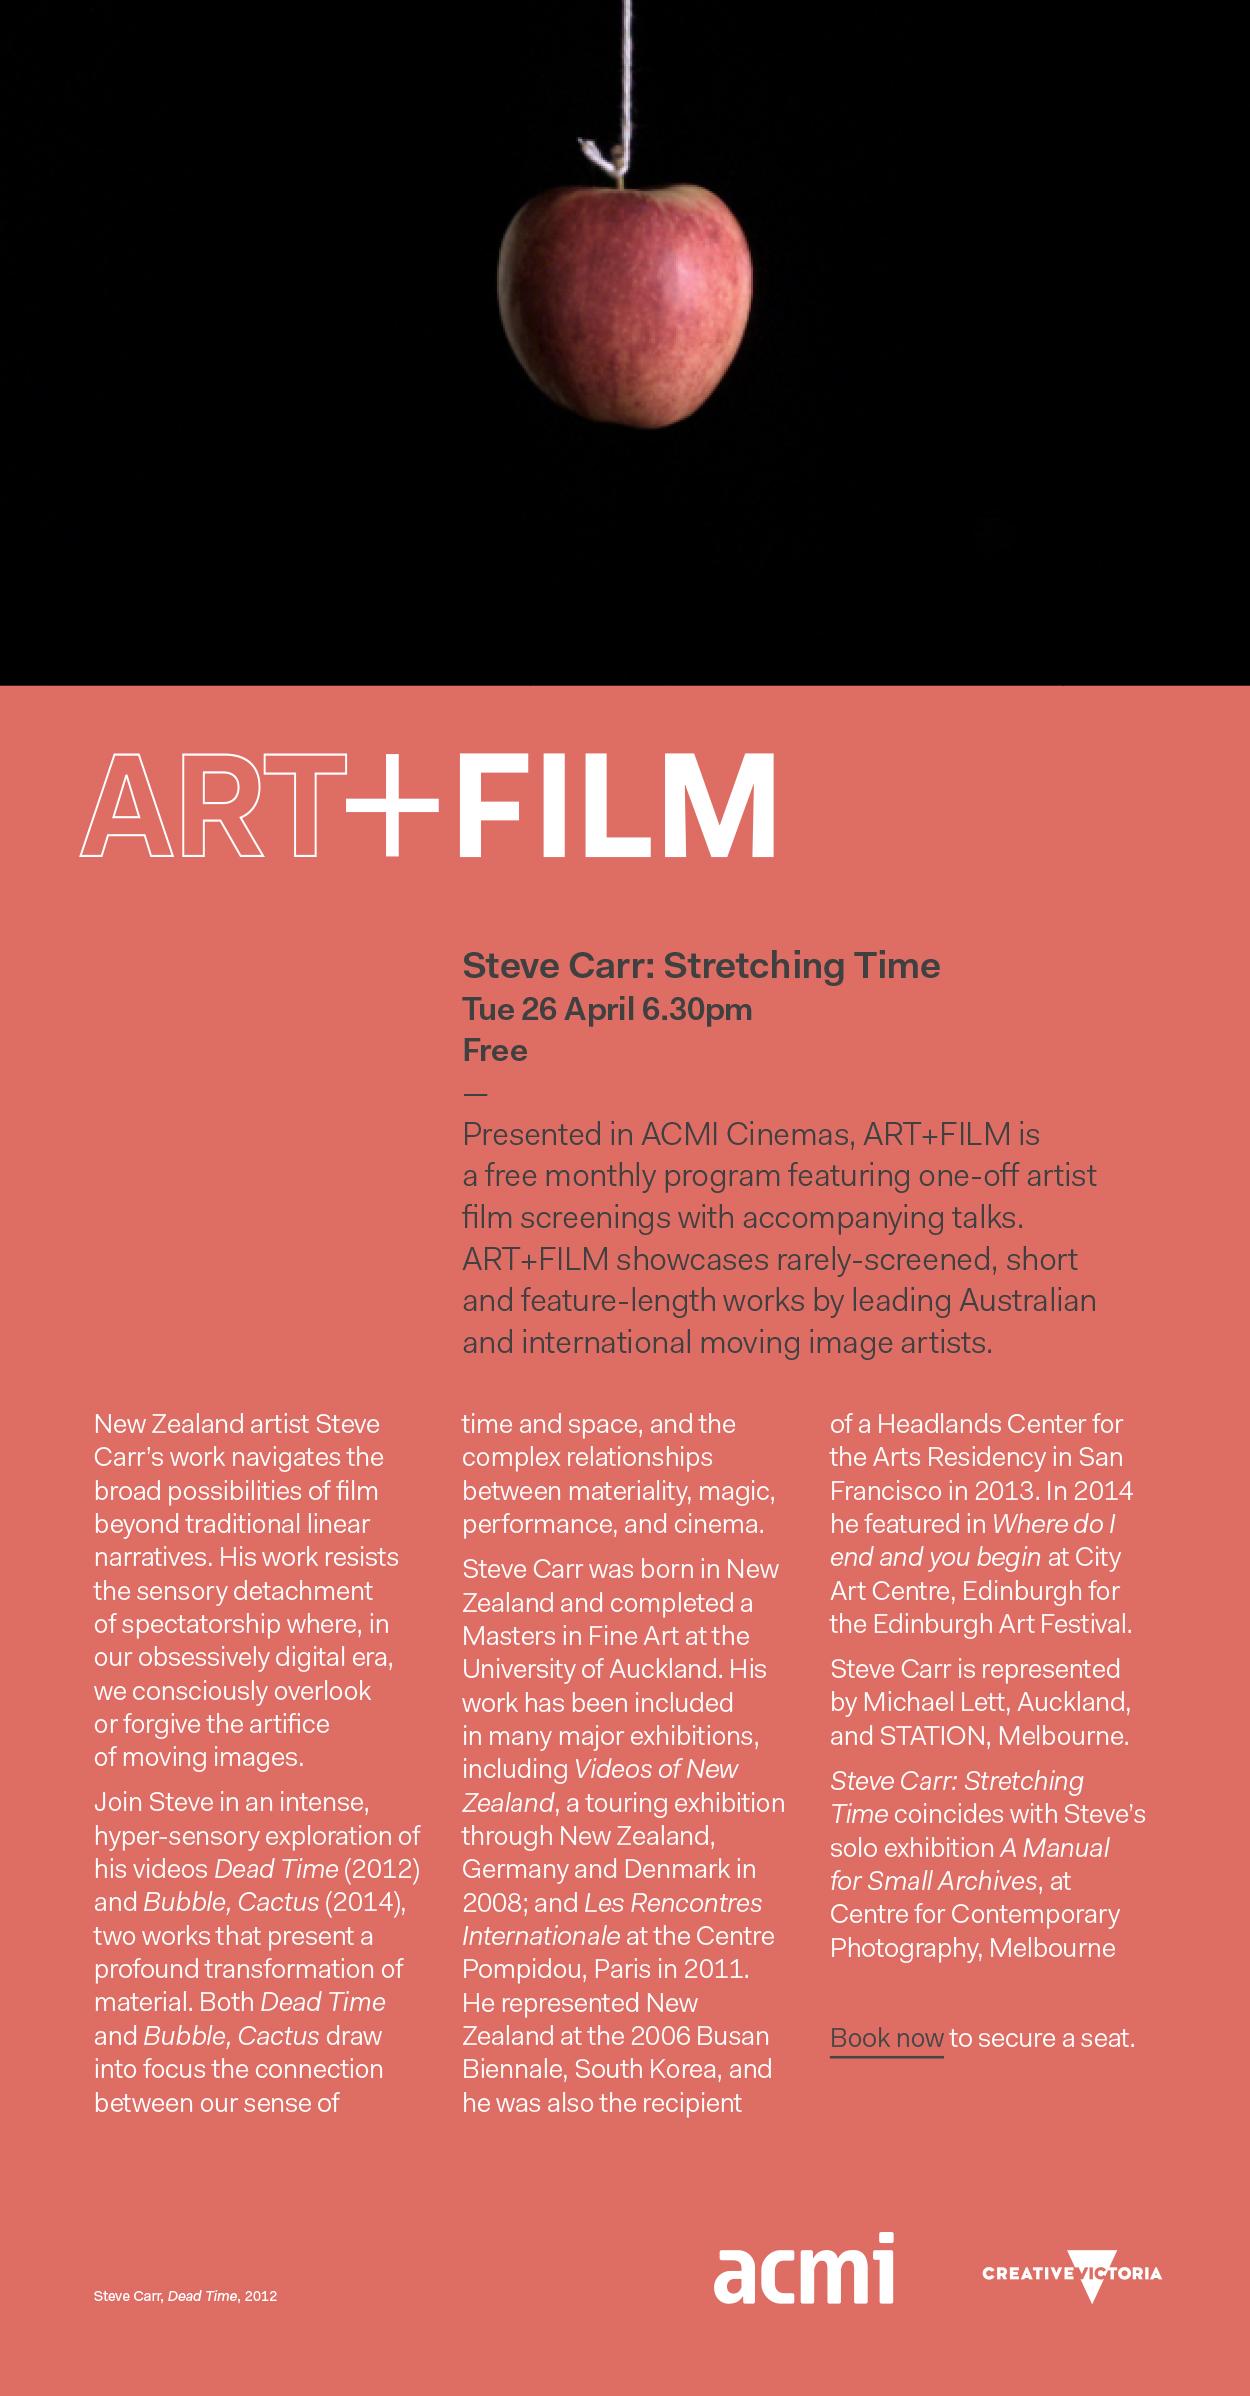 5734_ArtFilm_Email_SteveCarr_FA.jpg